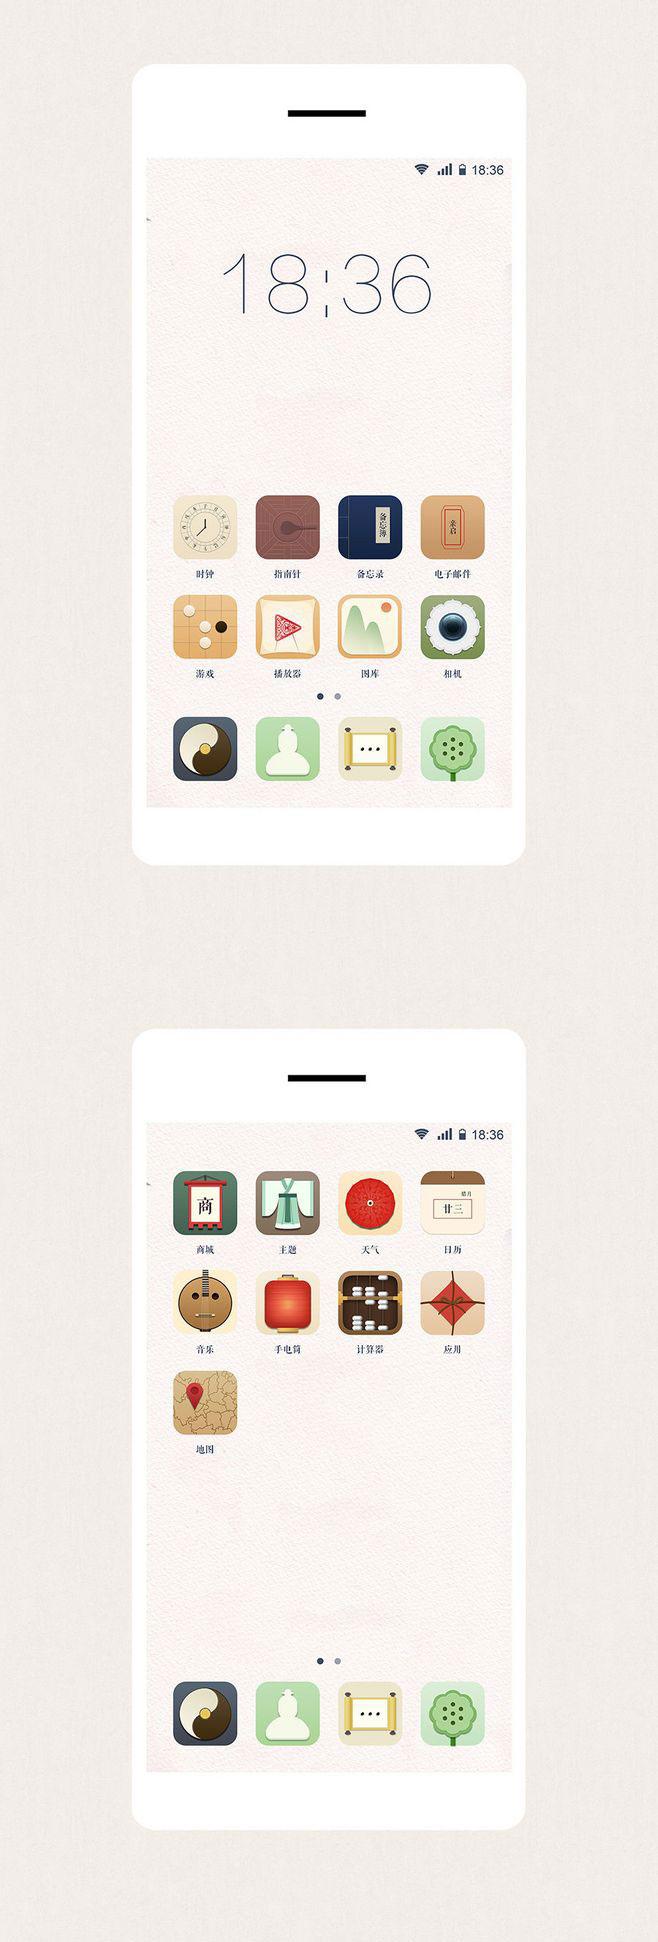 中国风主题图标设计案例欣赏22